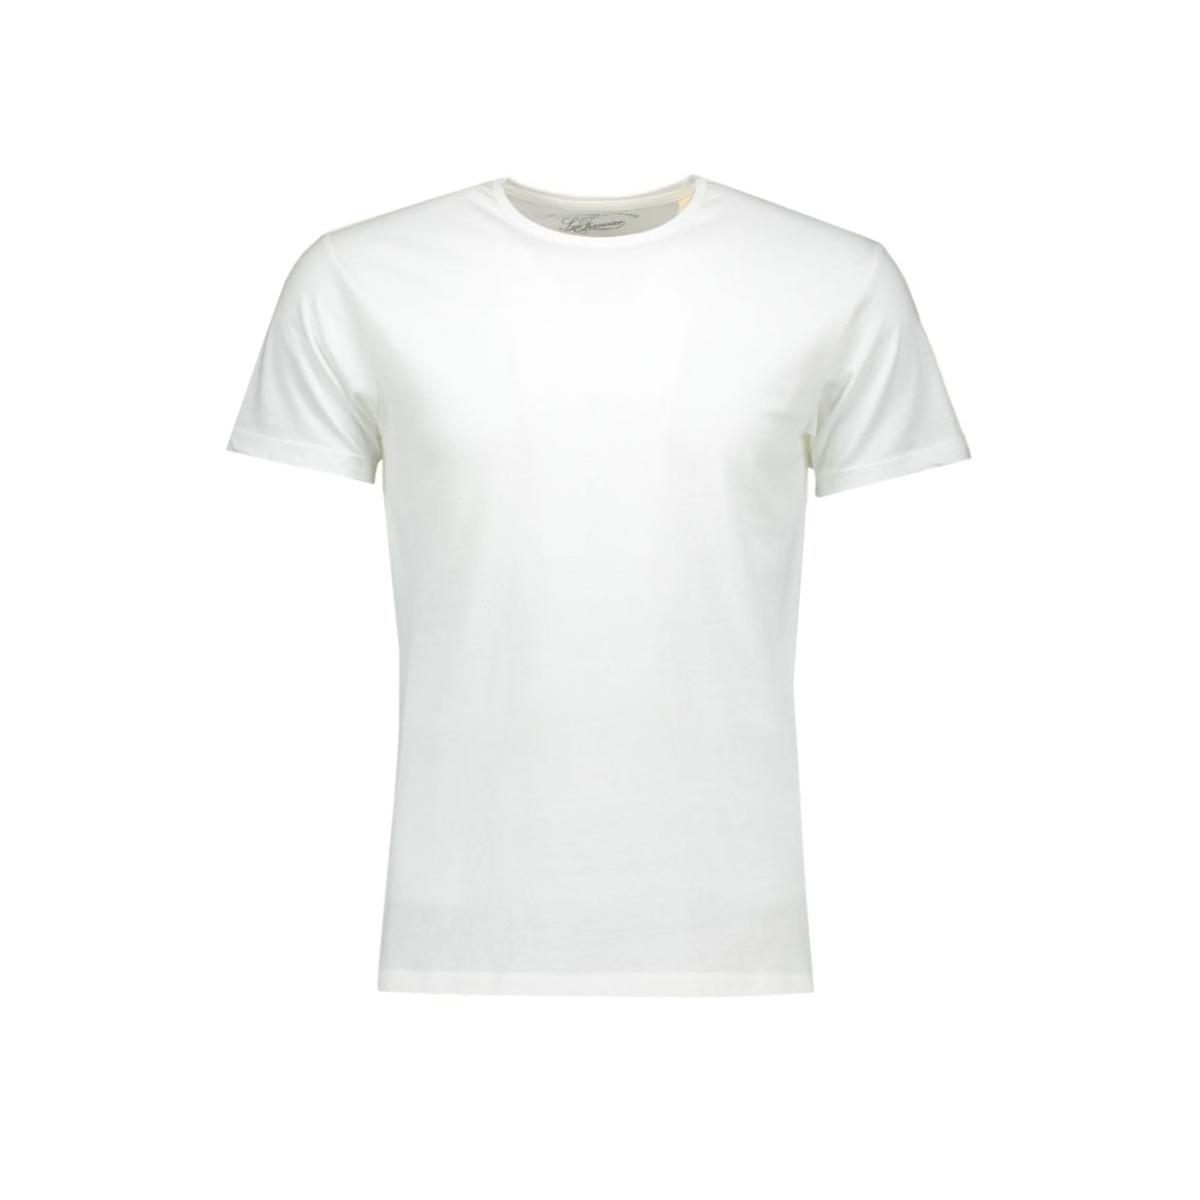 995ee2k902 esprit t-shirt 100